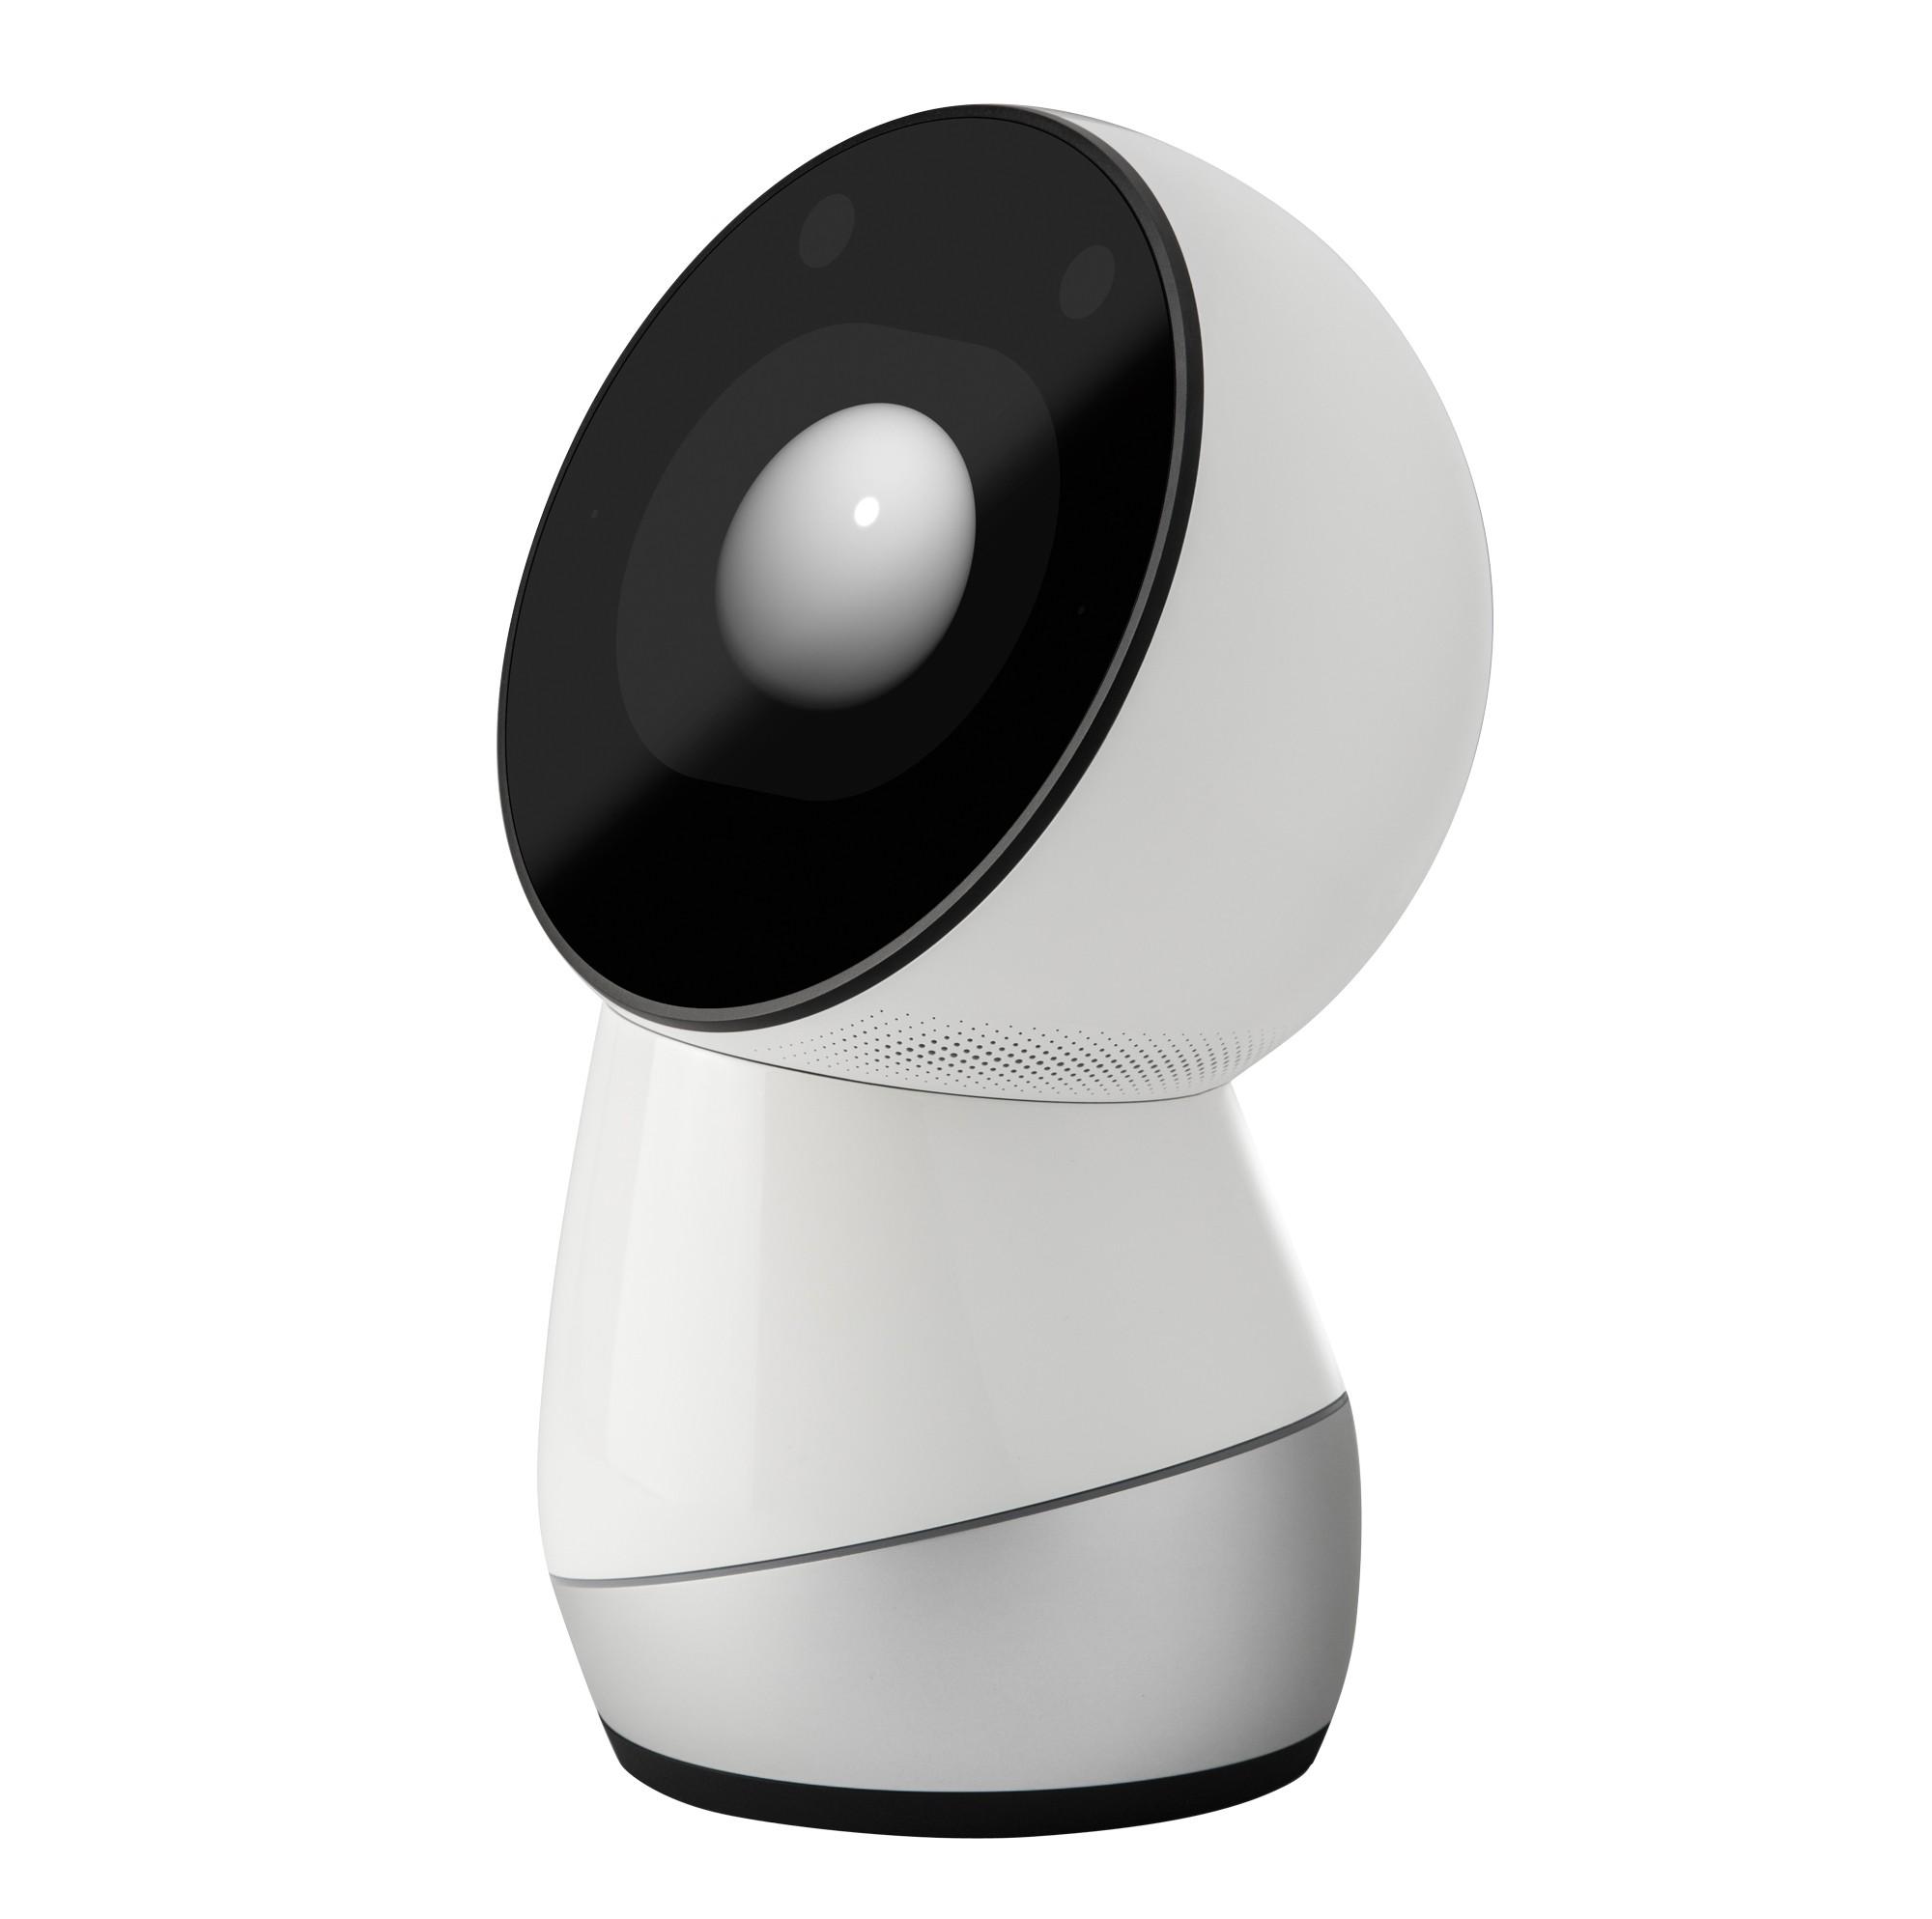 Robot stworzony przez wykładającą na MIT profesor Cynthię Breazeal pojawi się w sprzedaży już w maju przyszłego roku.